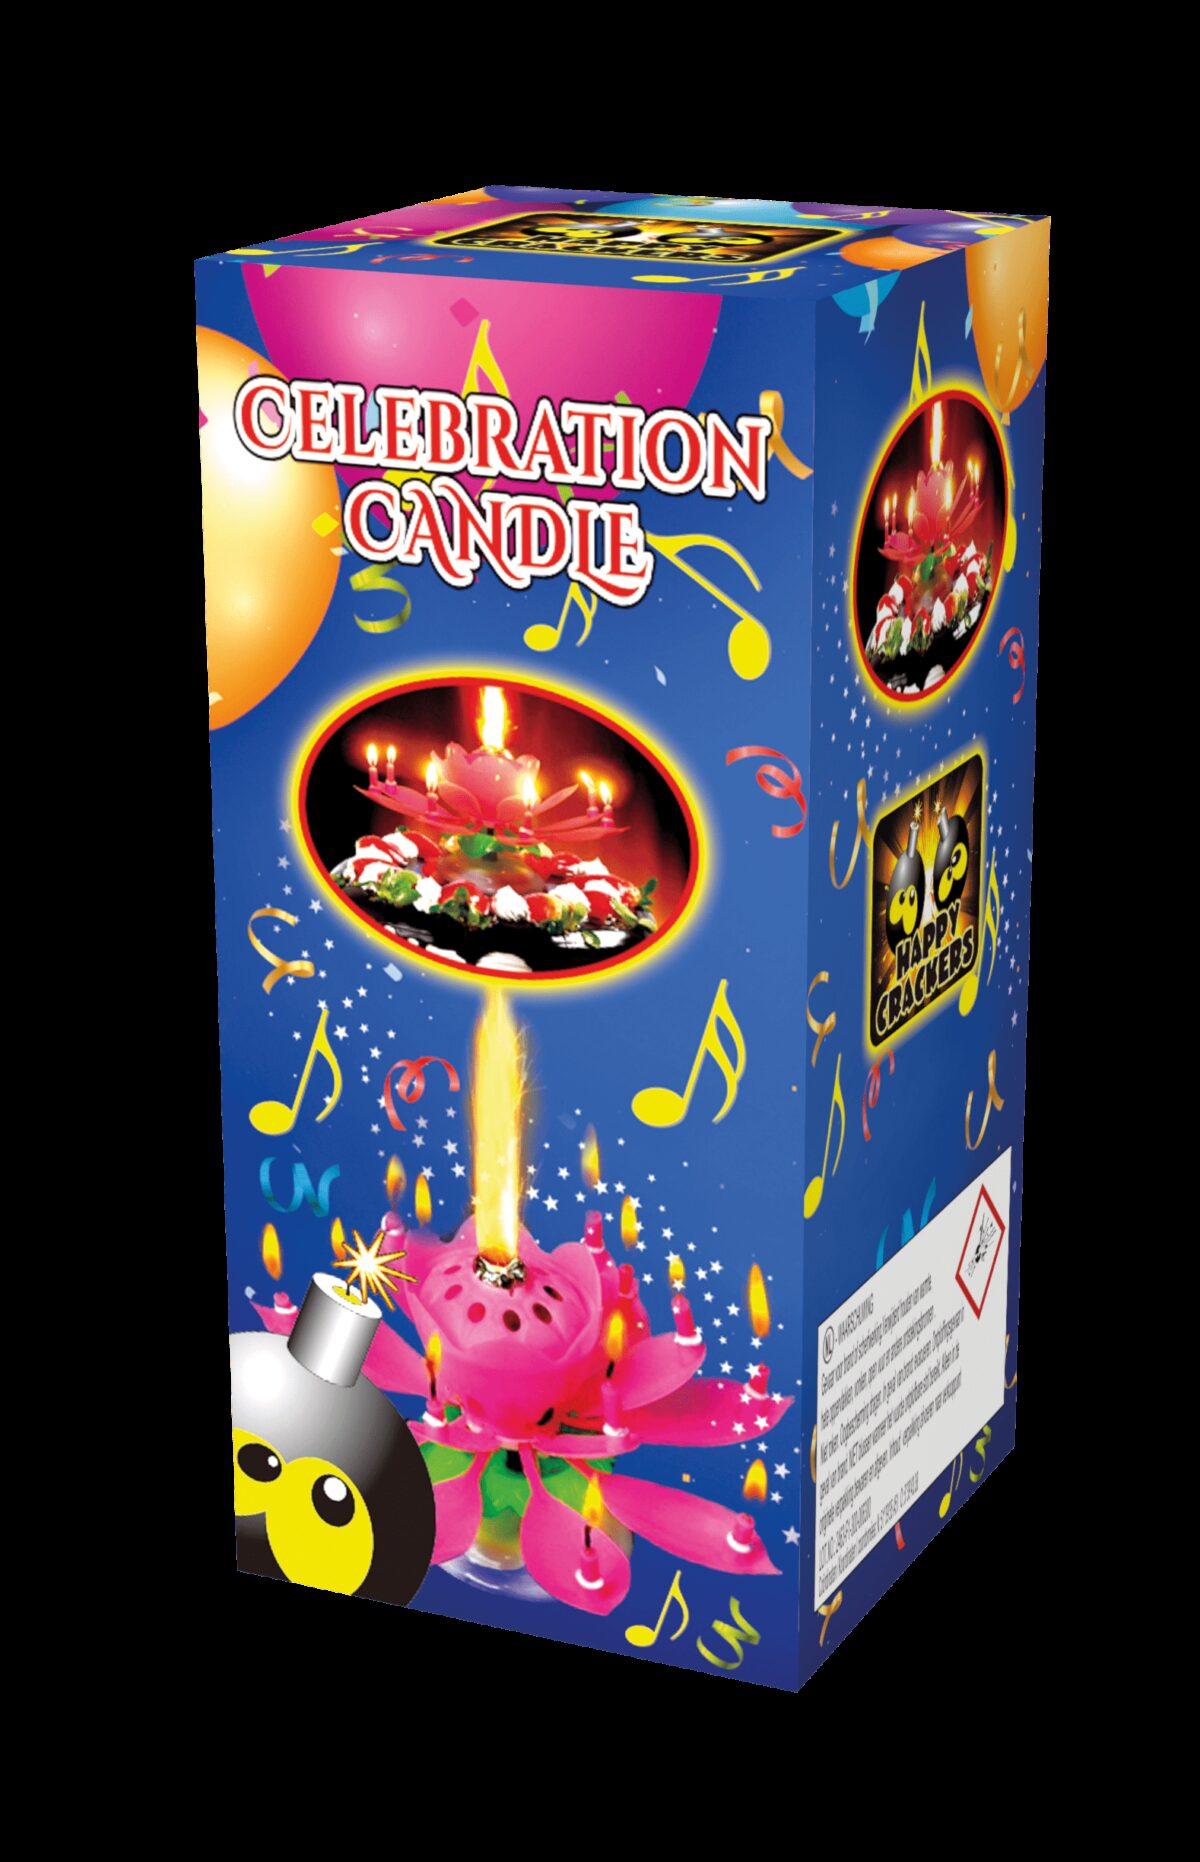 Celebration Candle